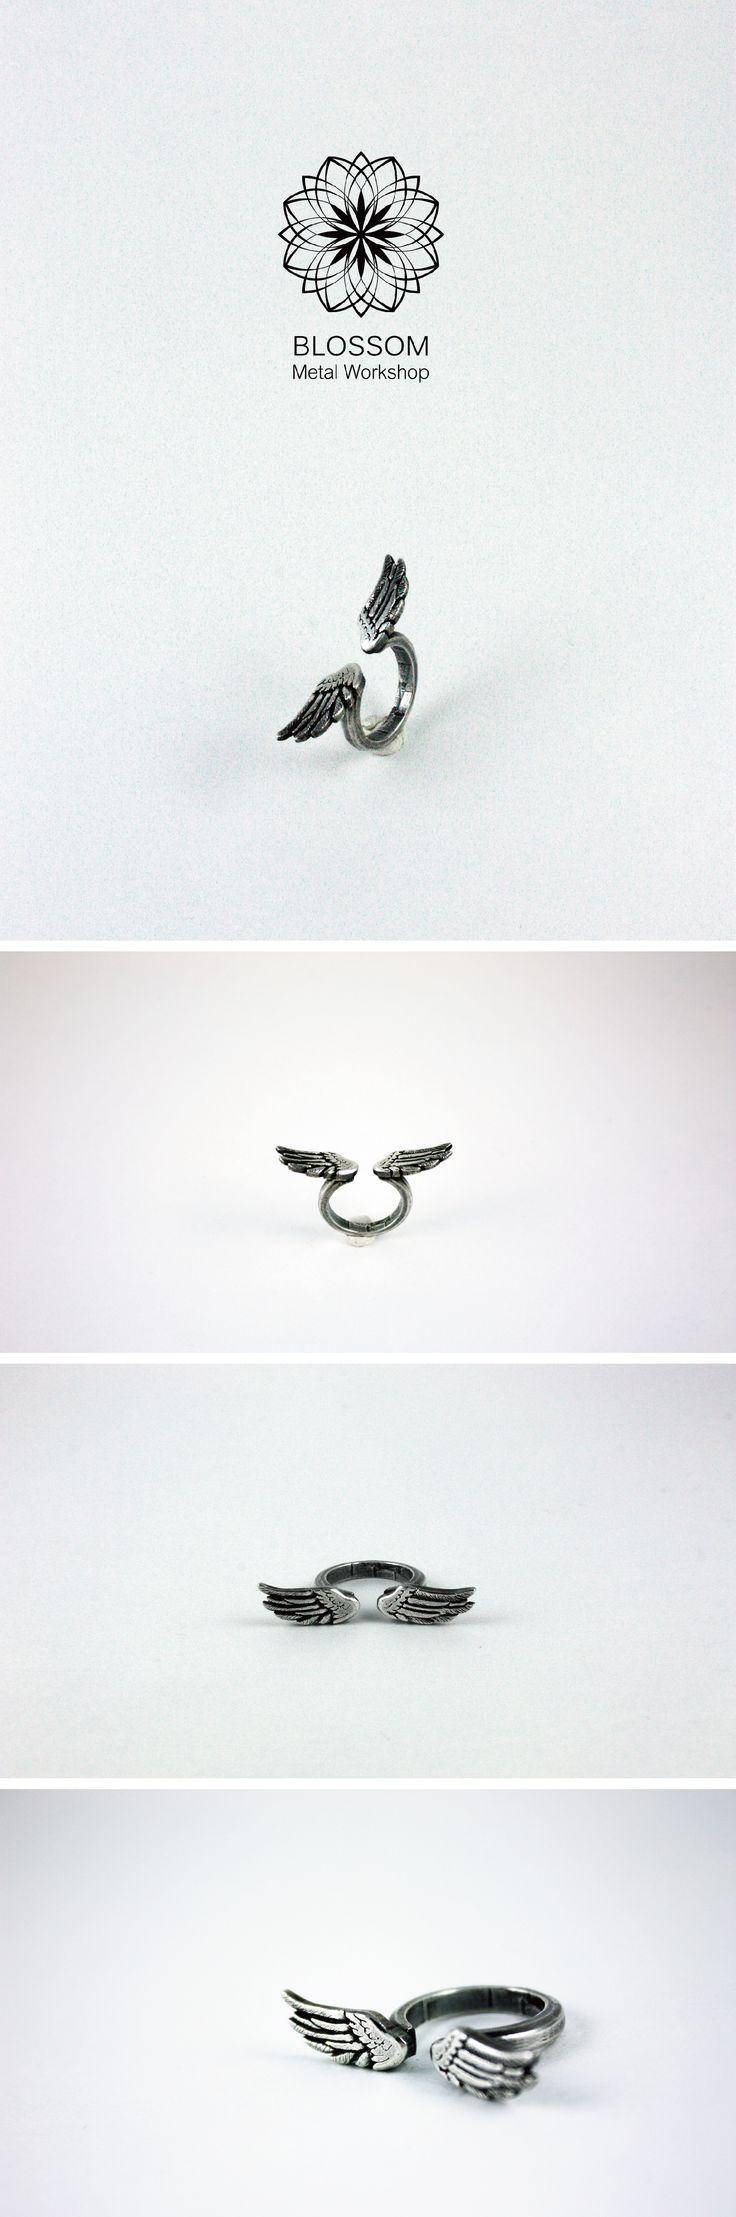 【 翅膀 】 ● 設計款 ─ 這世界比你想像中的寬闊,隨時都是你展翅高飛的時候。